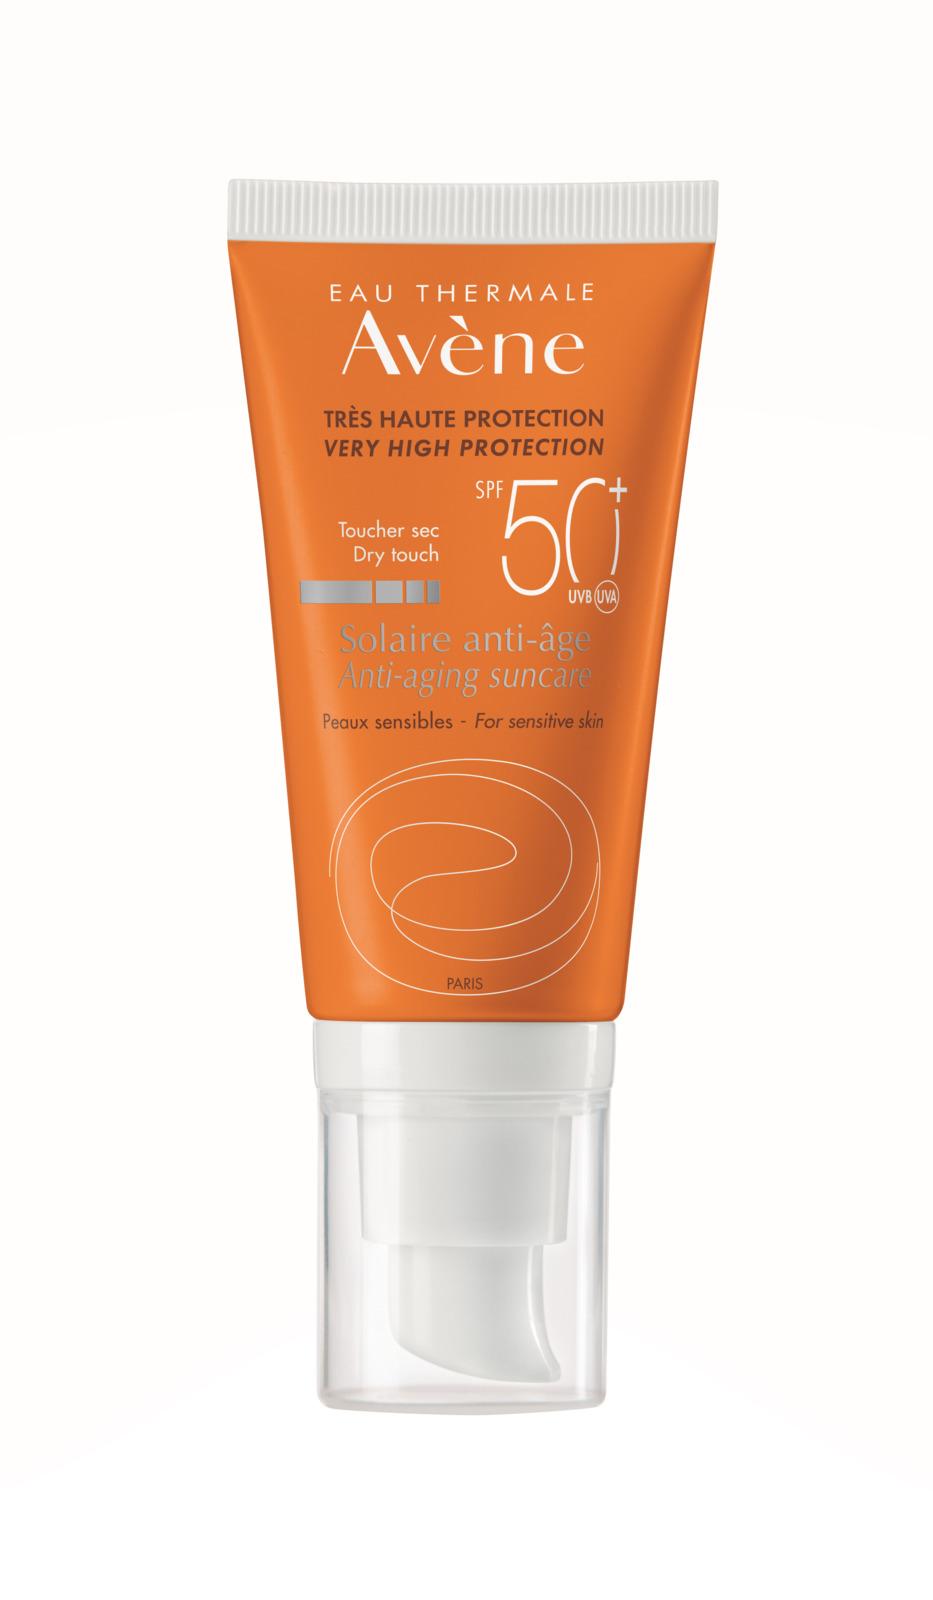 Avene Крем антивозрастной солнцезащитный SPF50+, 50 мл крем от загара avene 50